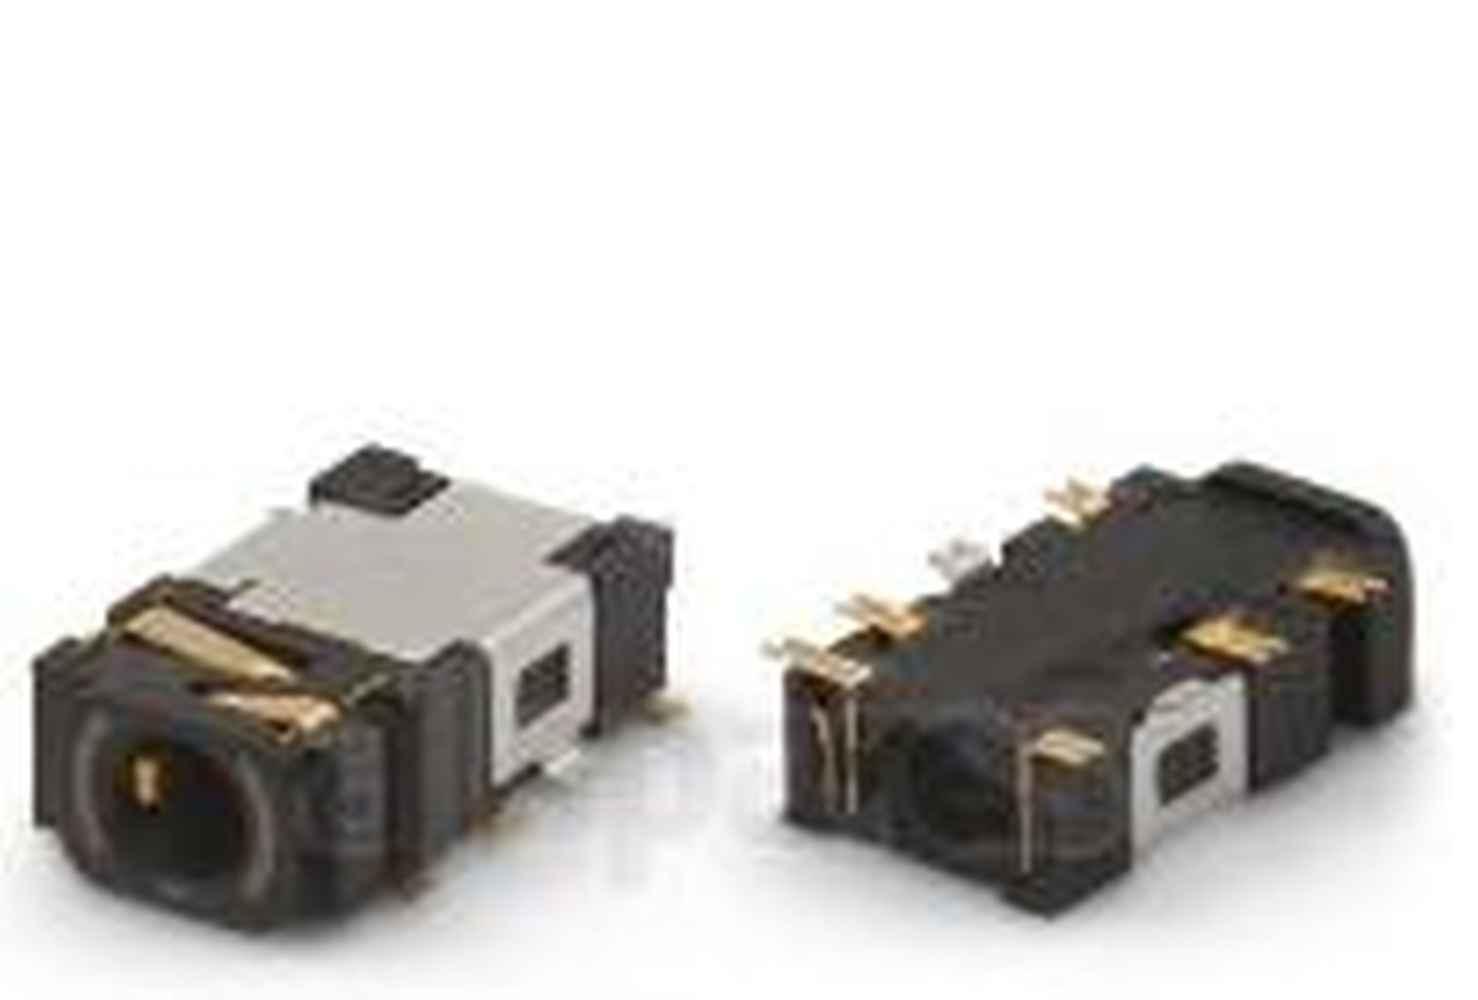 Handsfree Connector for Nokia Asha 300